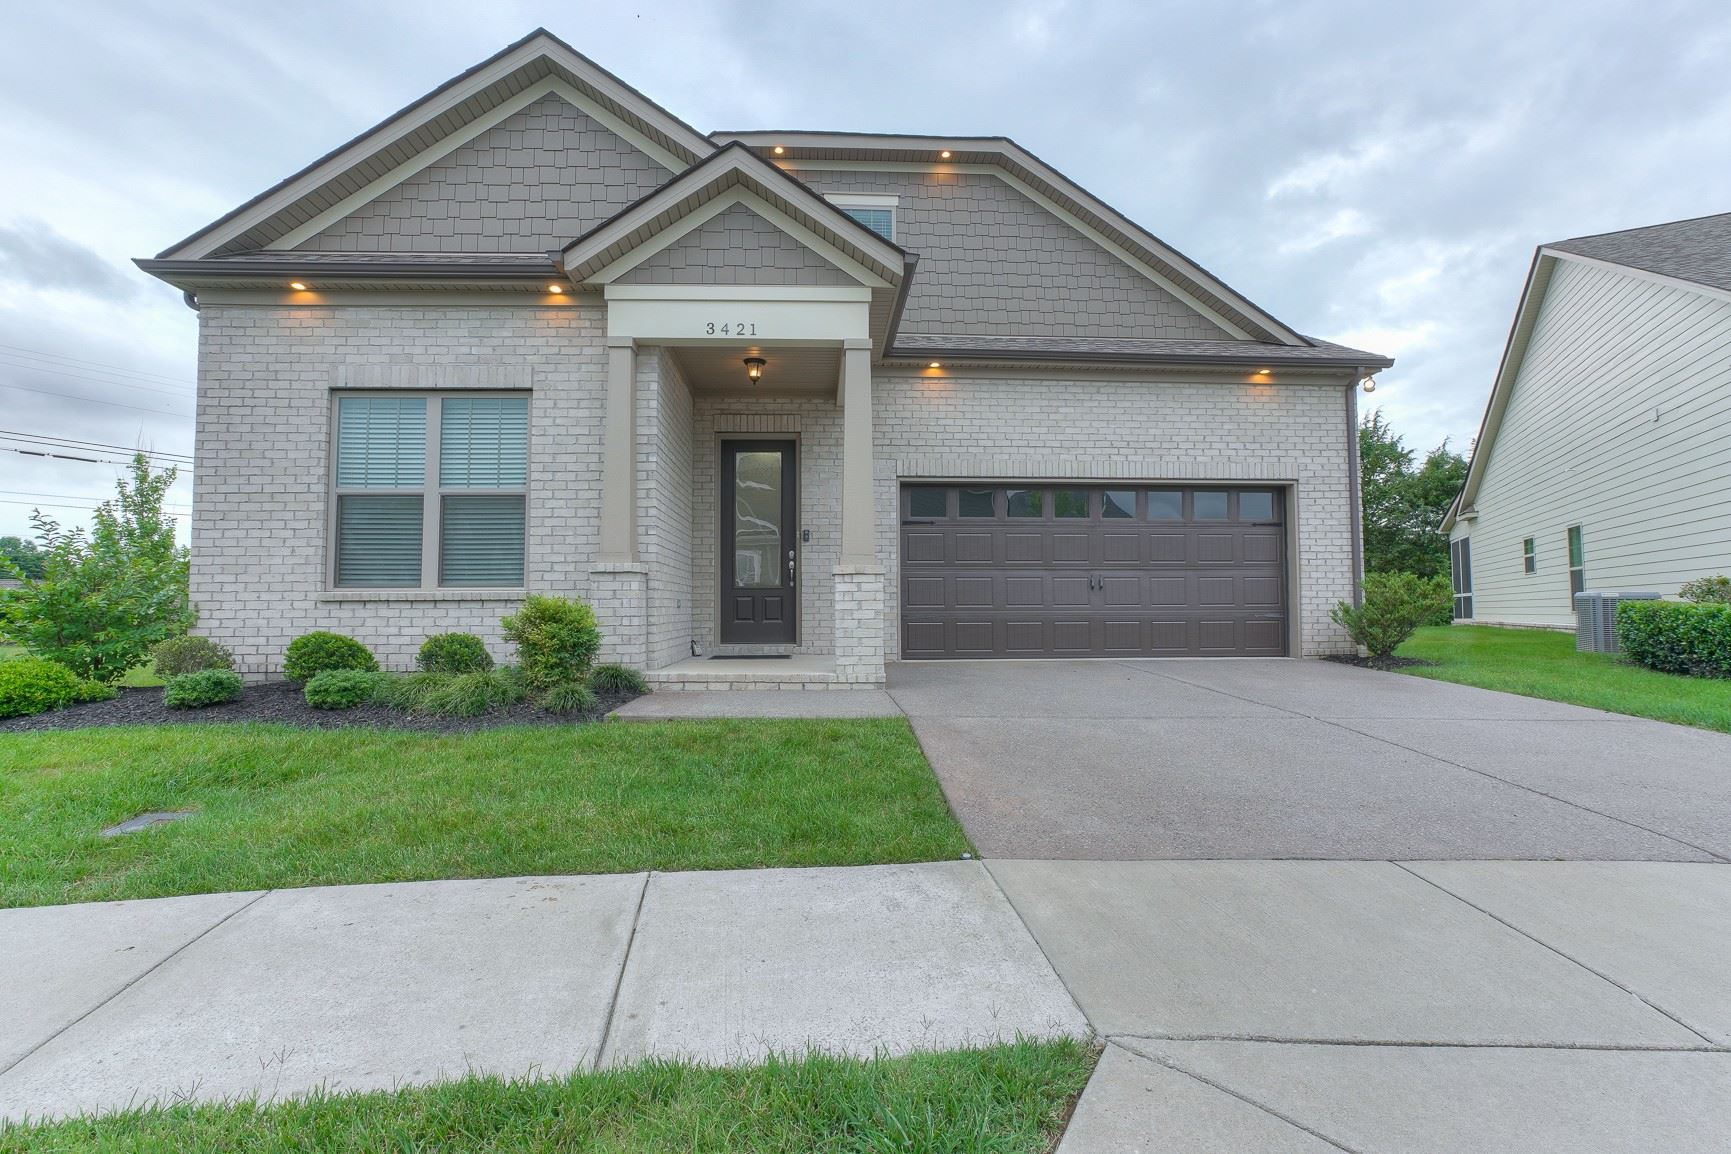 3421 Cortona Way, Murfreesboro, TN 37129 - MLS#: 2251233